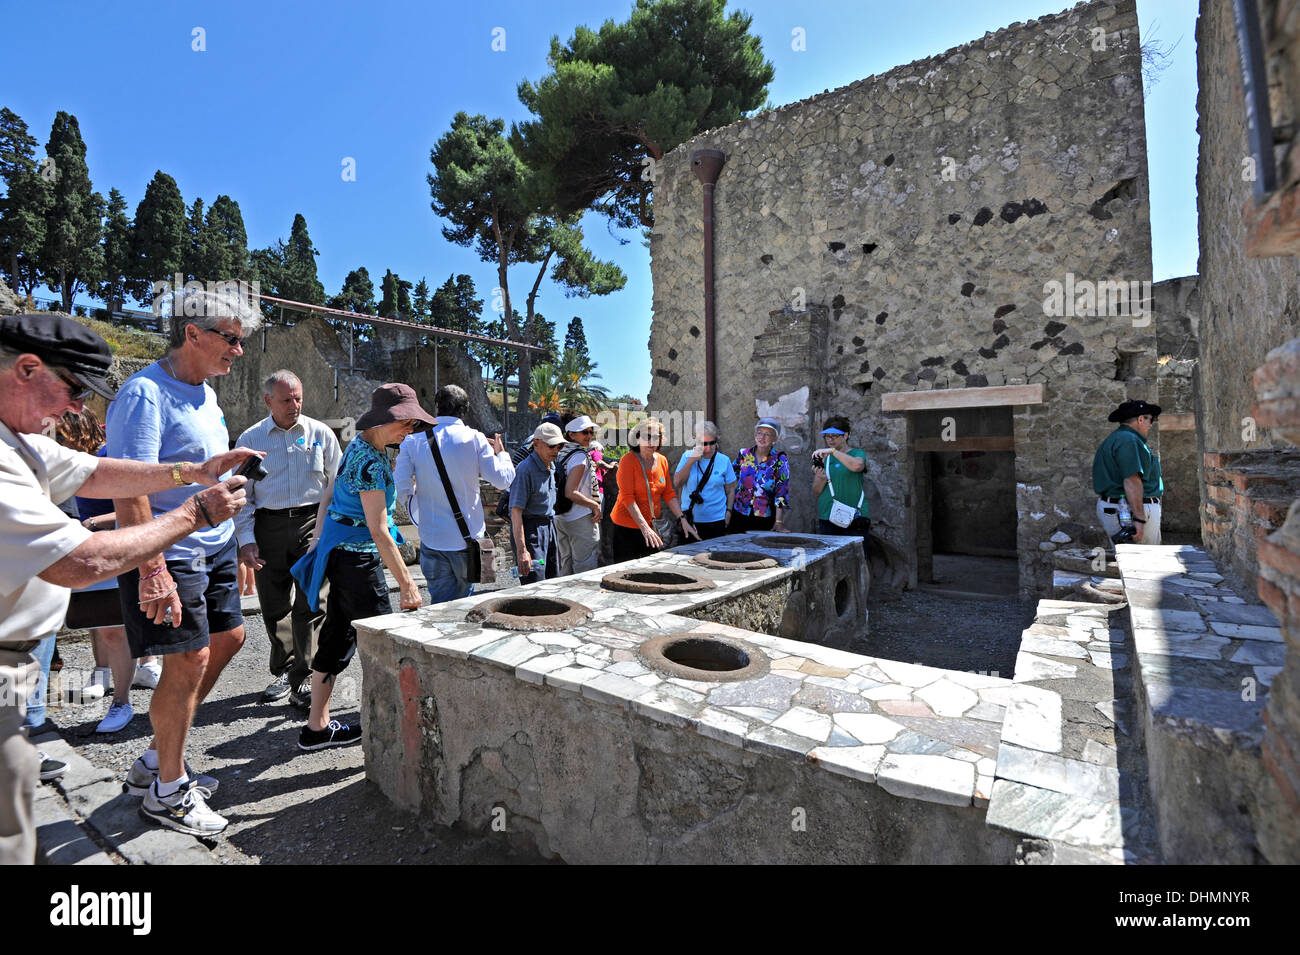 Touristen auf der Suche rund um die Grande Taberna, entgegnet ein römischer antike Pub mit Marmor Verkauf Speisen Stockbild